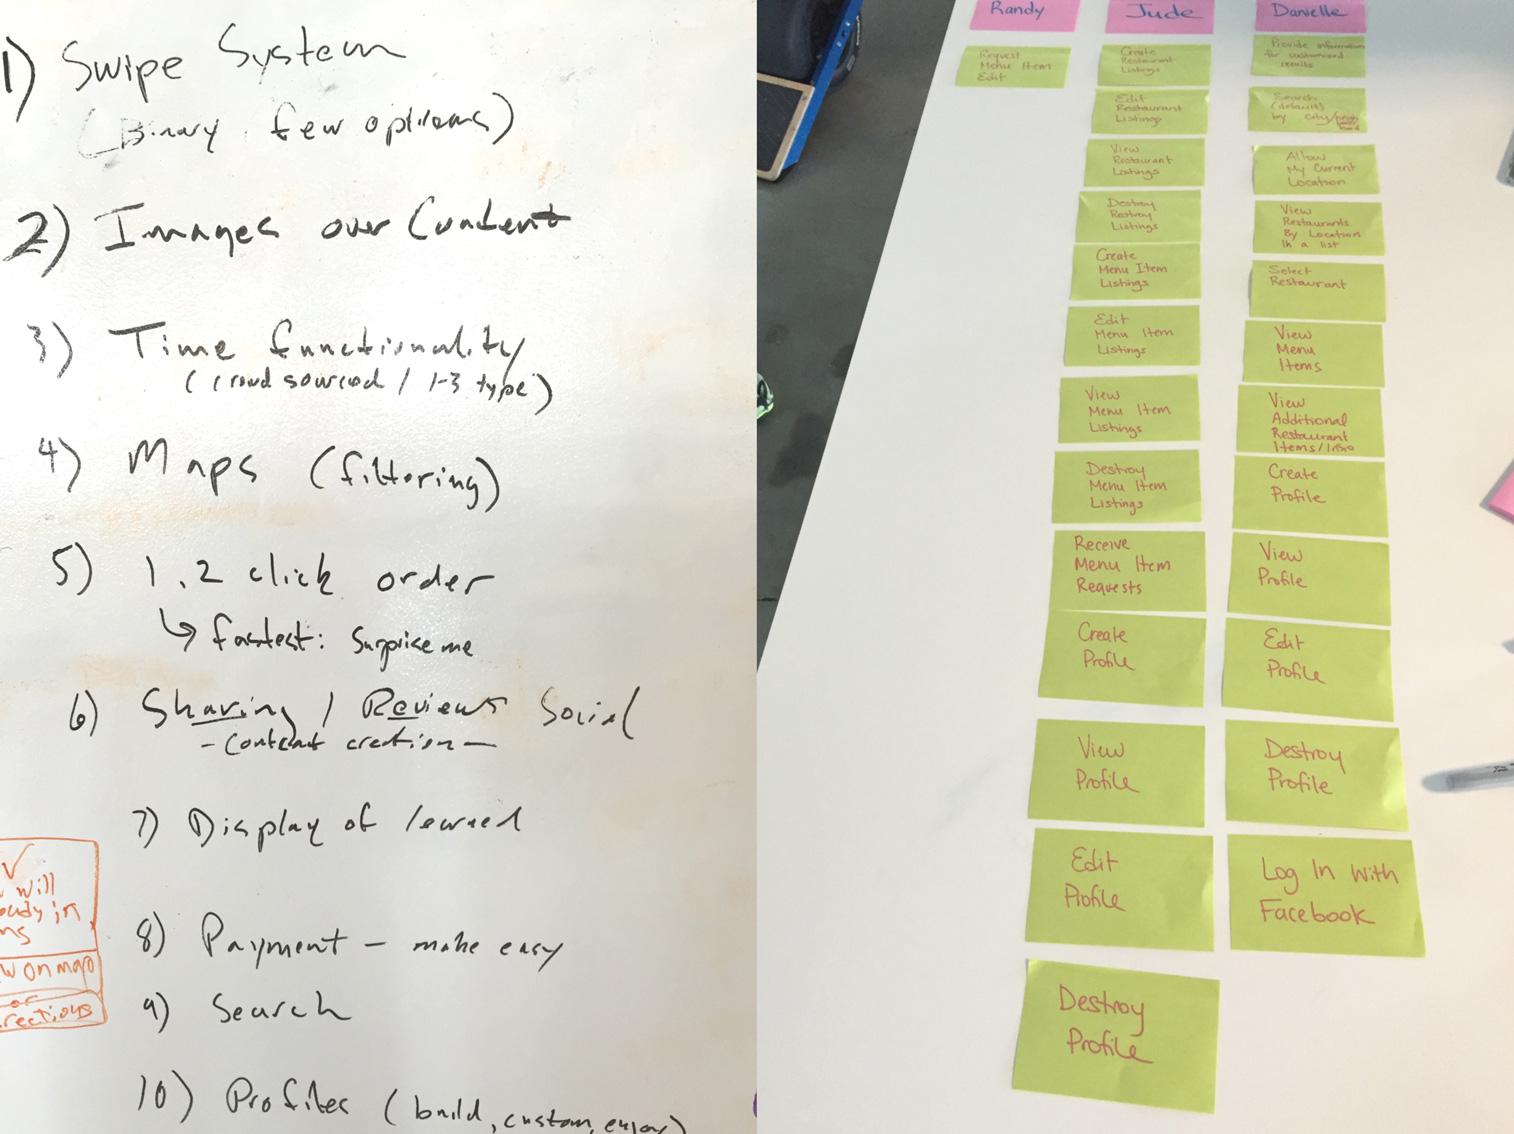 agile_story_building.jpg